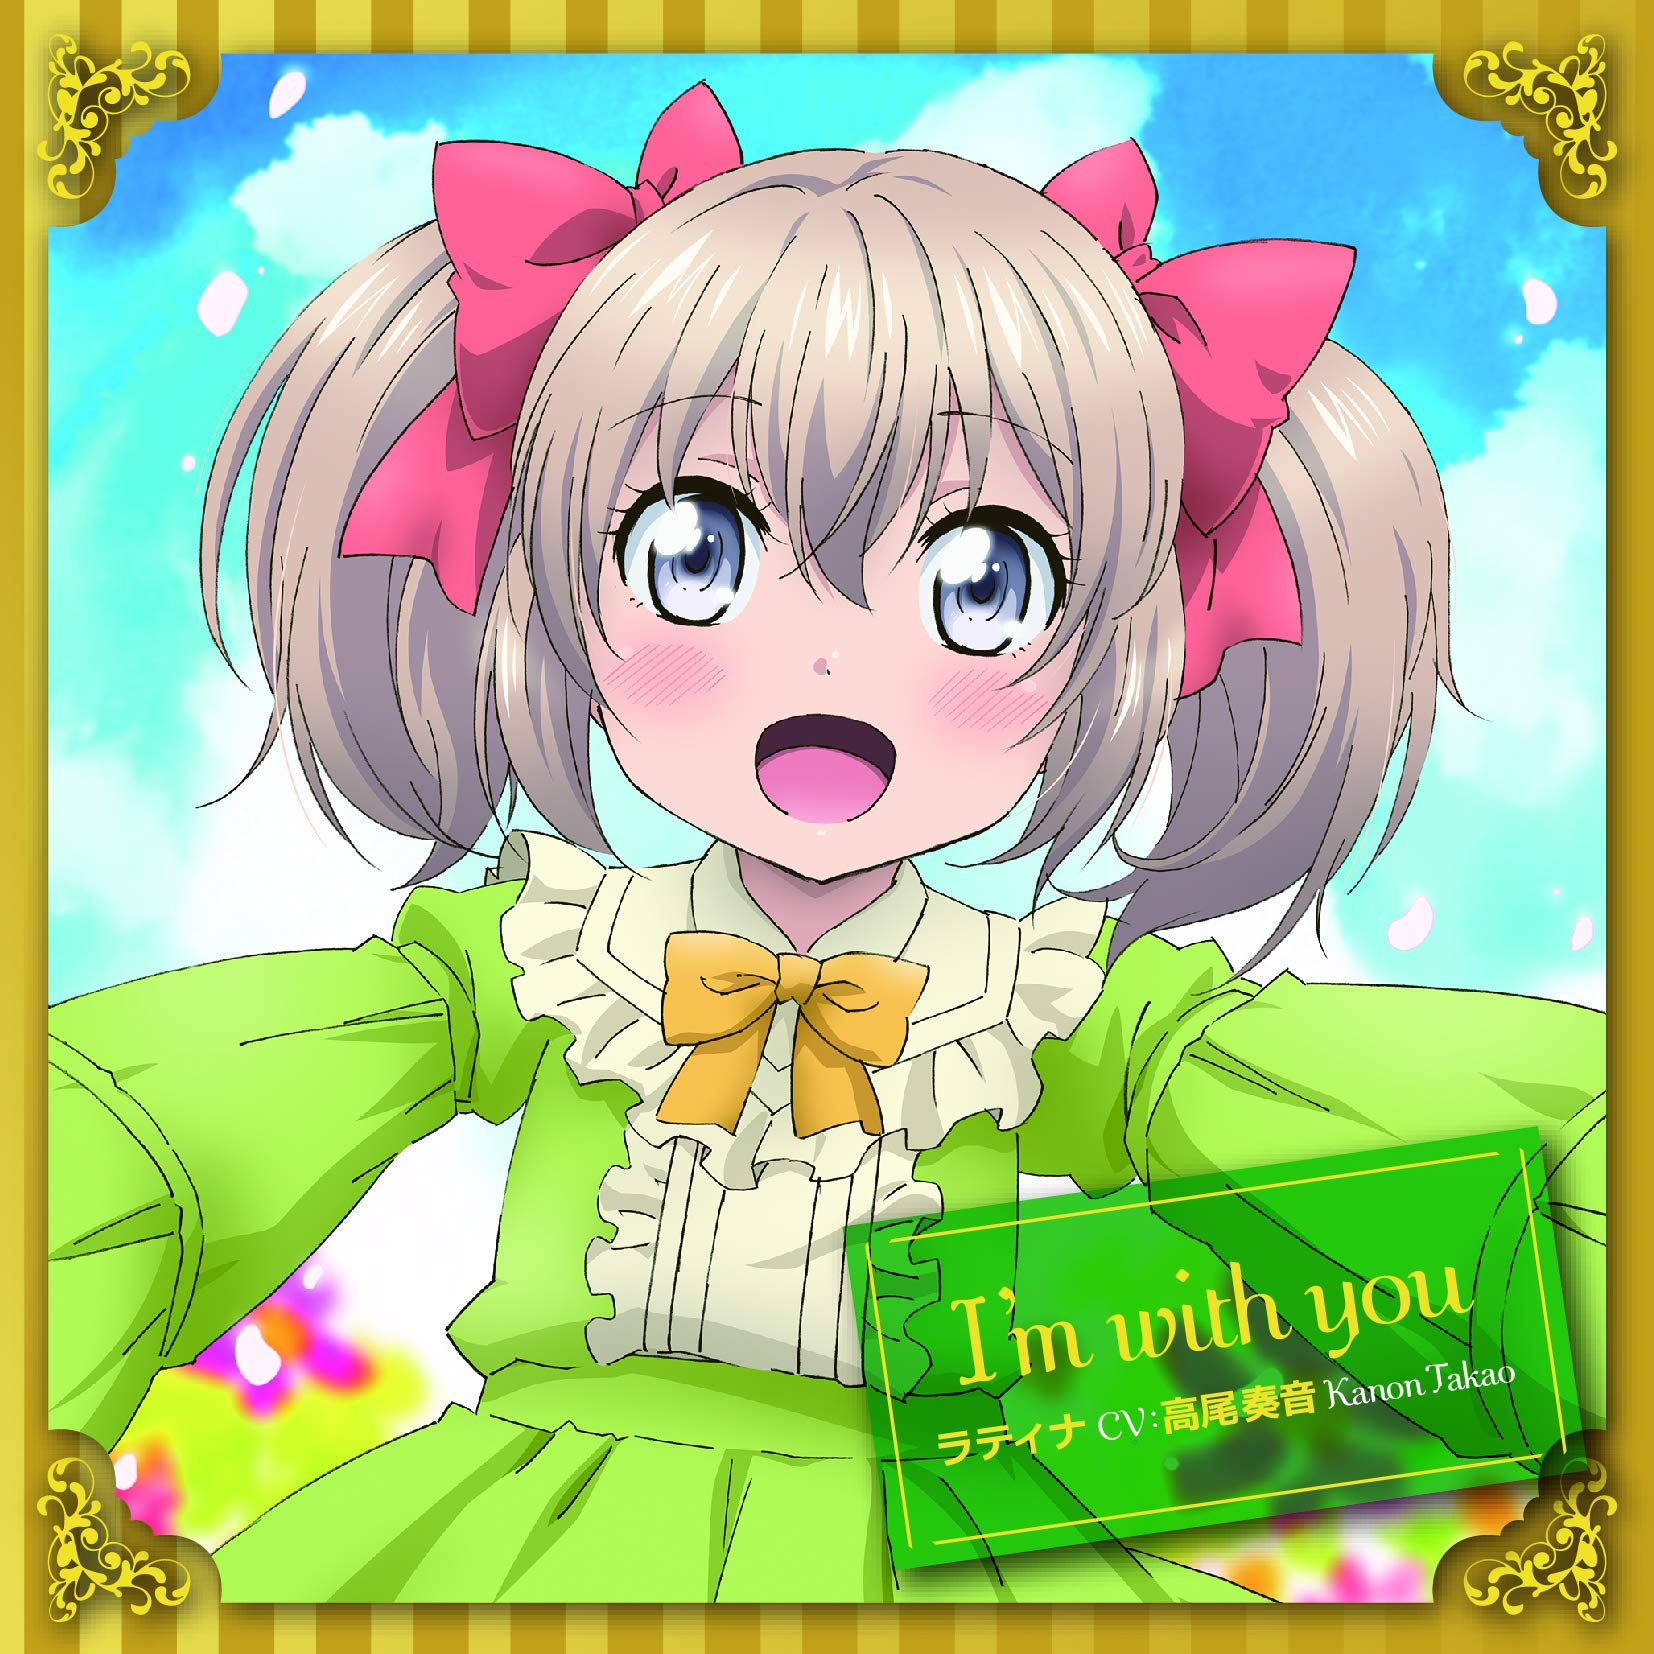 ラティナ(高尾奏音)/I'm with you